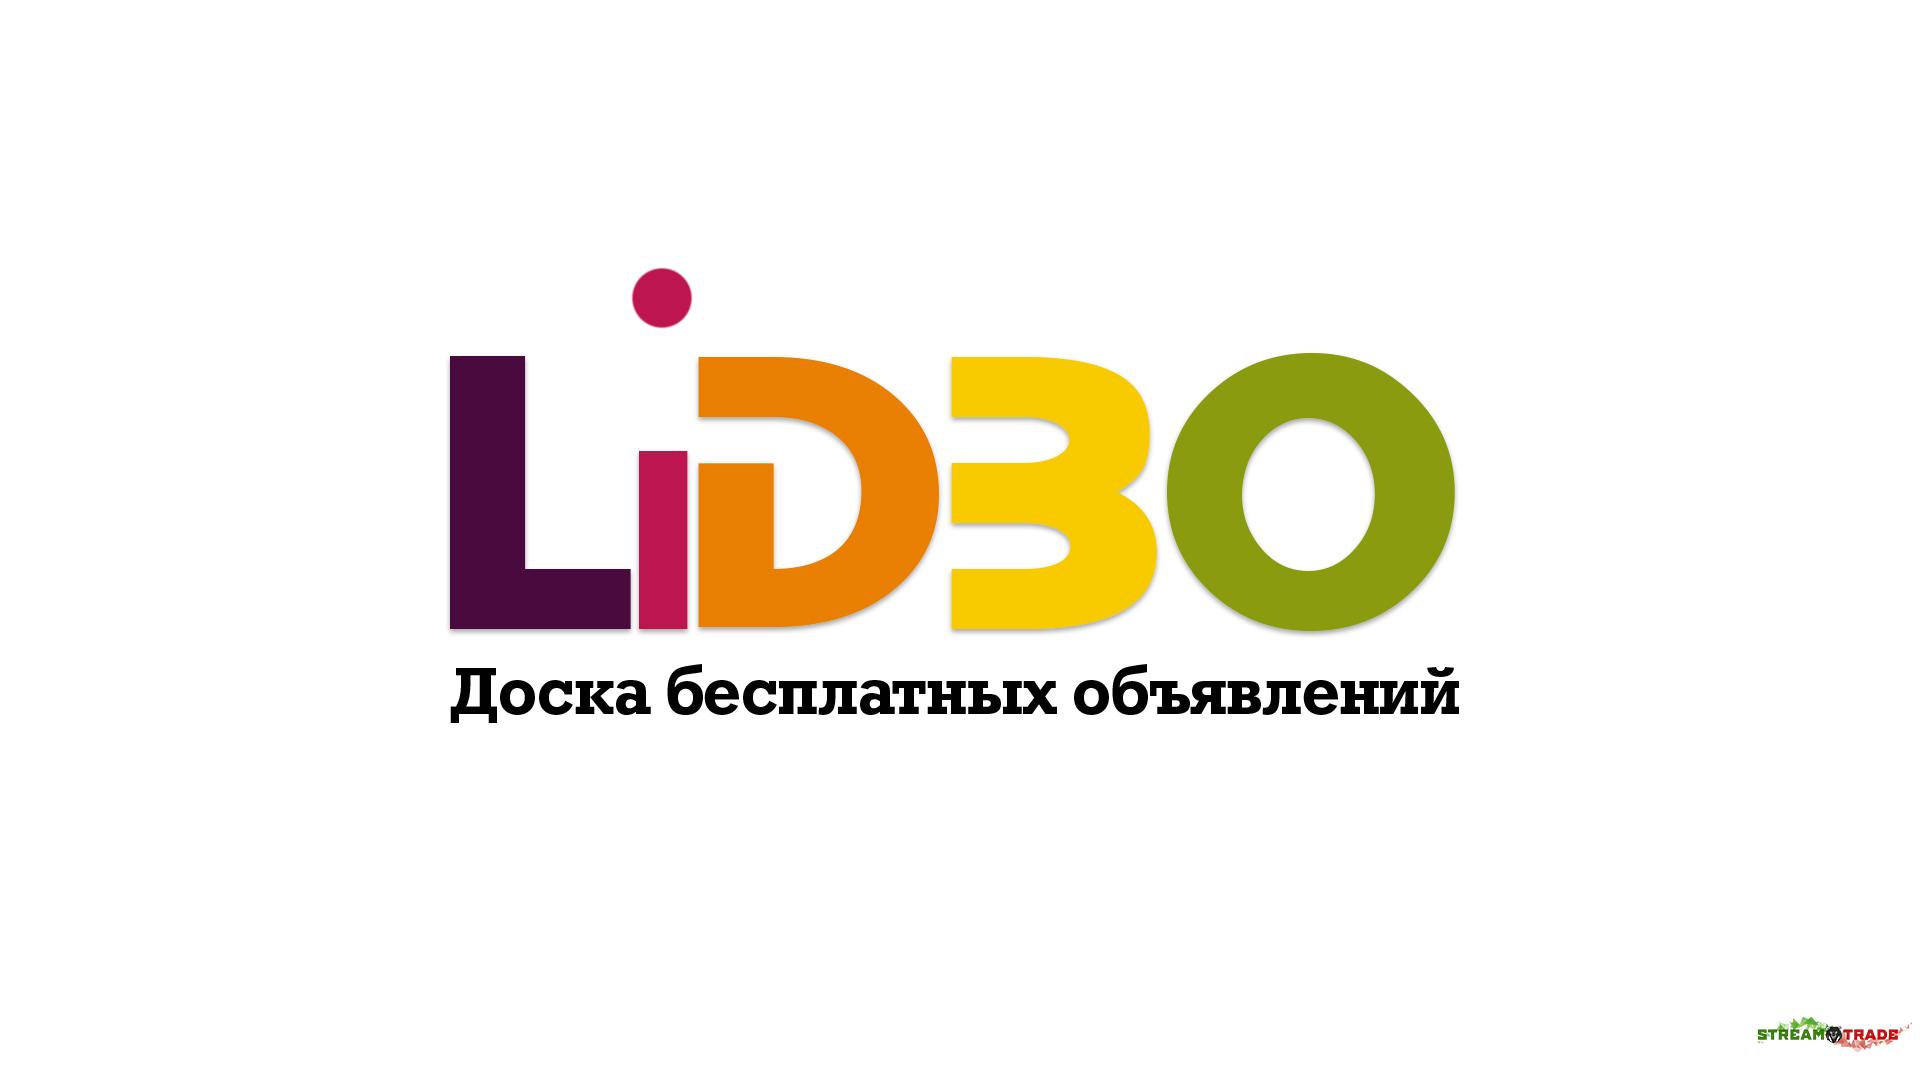 6d4eadca2d546 И вот в России появилась новая площадка для размещения частных объявлений  LIDBOа это означает что можно на этом заработать, размещая бесплатные  объявления ...